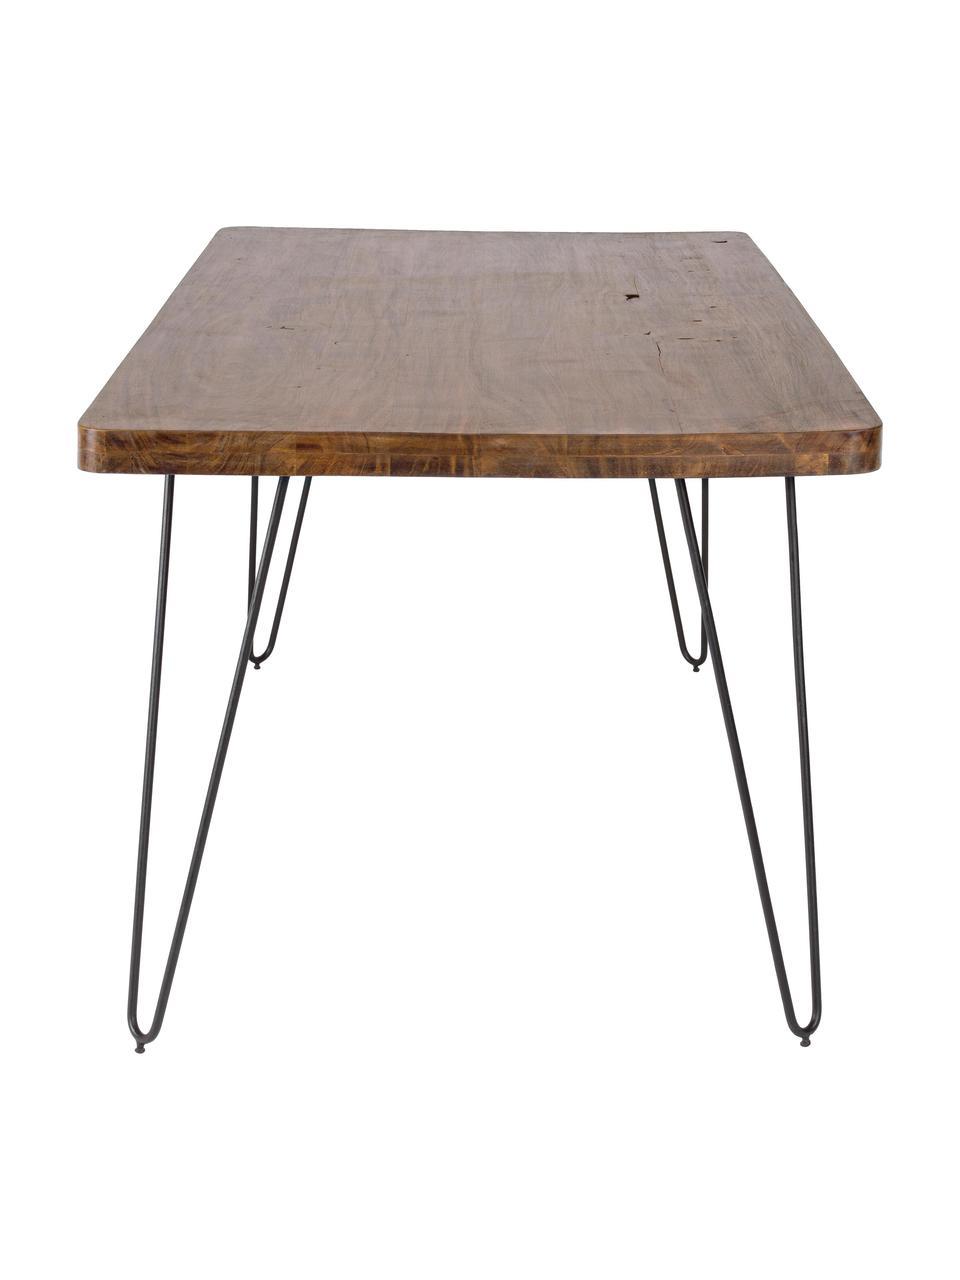 Table en bois massif et pieds en métal Edgar, Bois d'acacia, noir